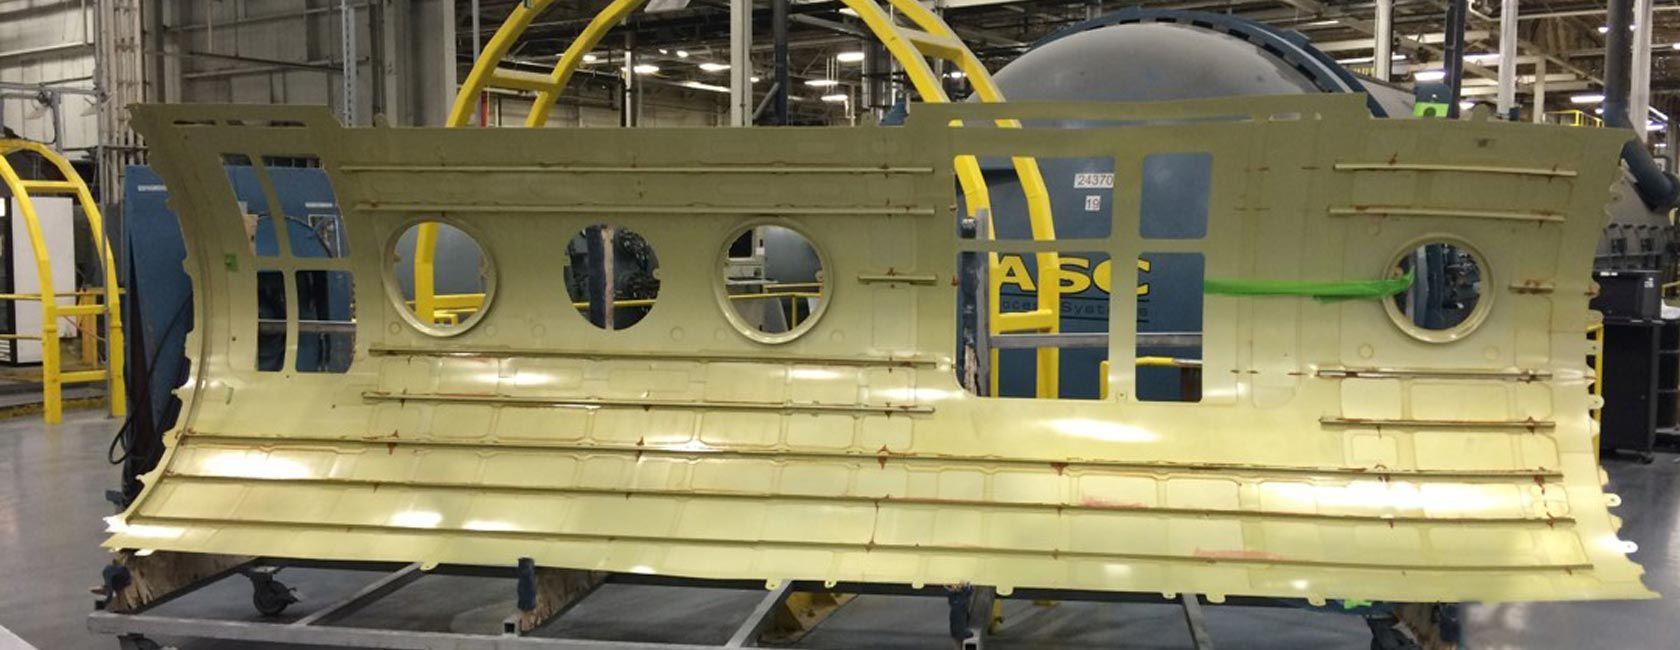 Textron'da Cessna Denali Programı Hızlanıyor